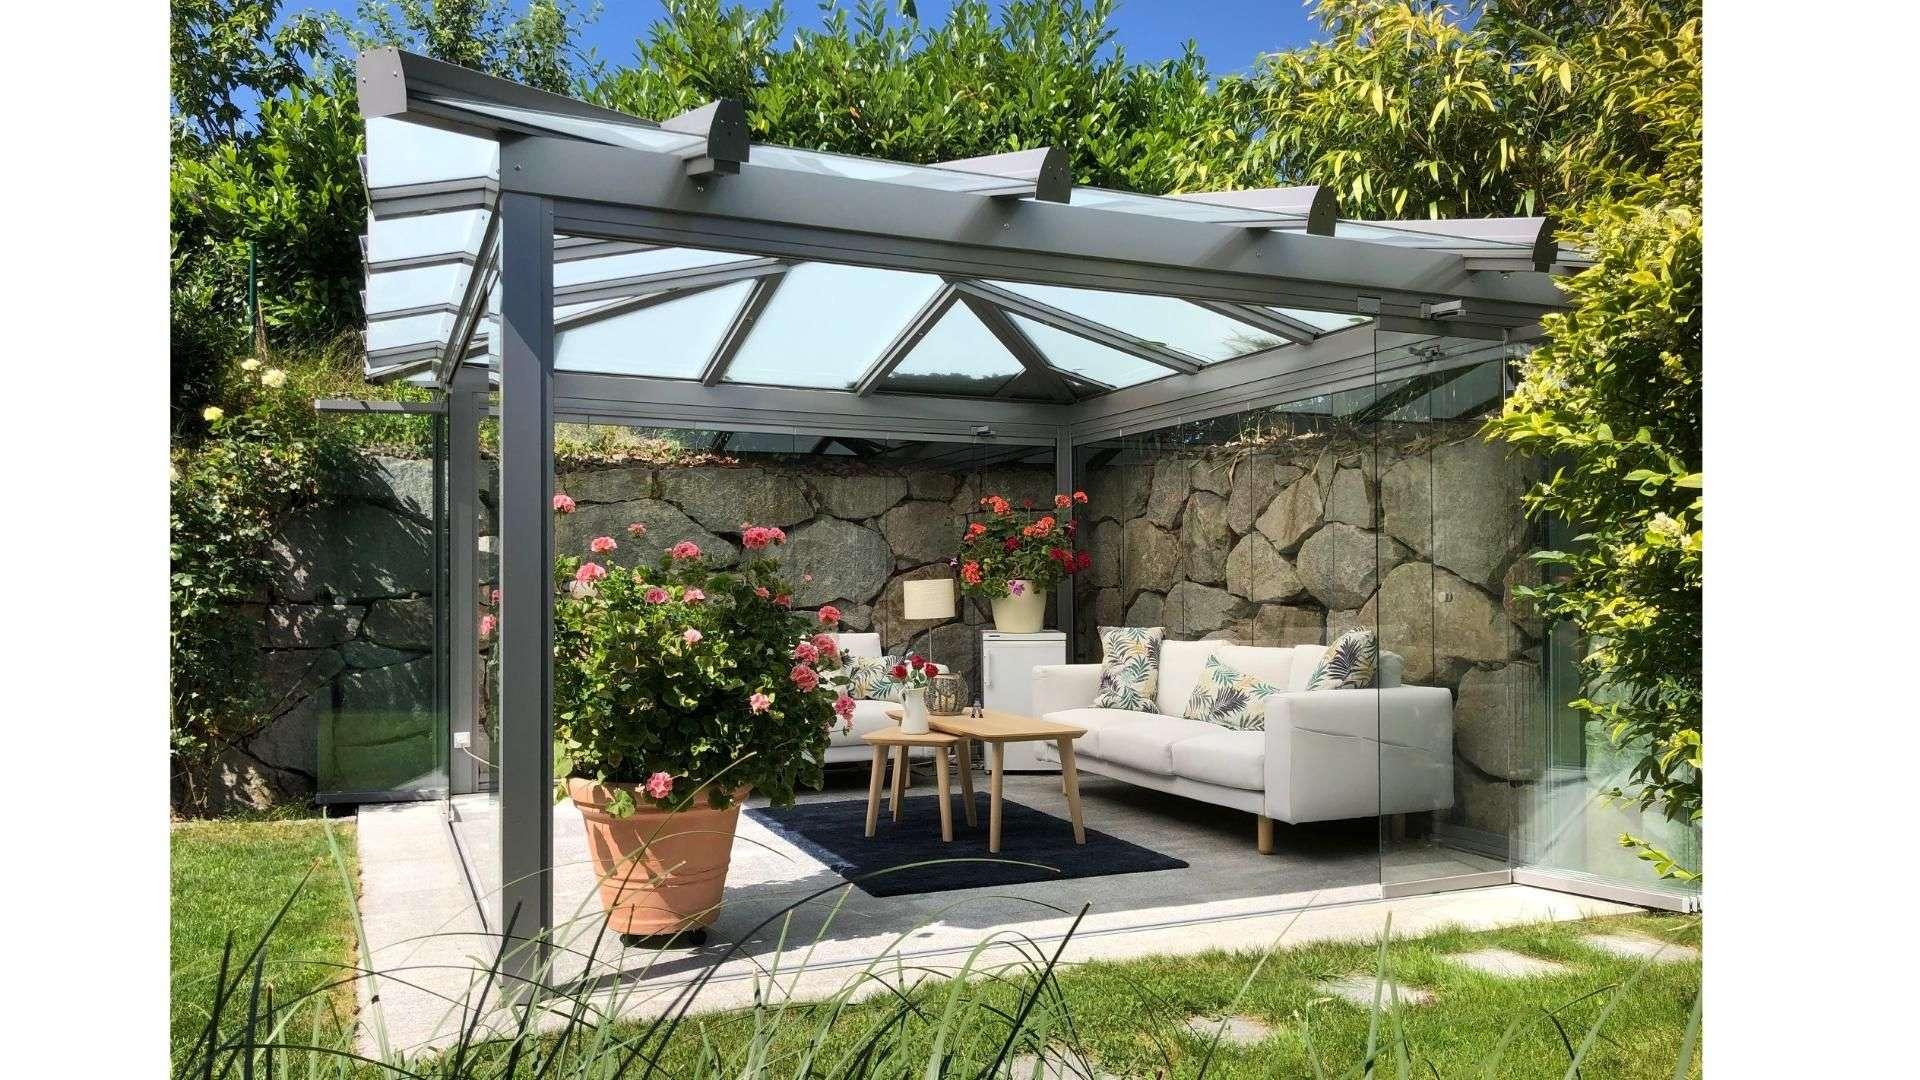 freistehendes Glashaus mit Sofa neben einer Steinmauer